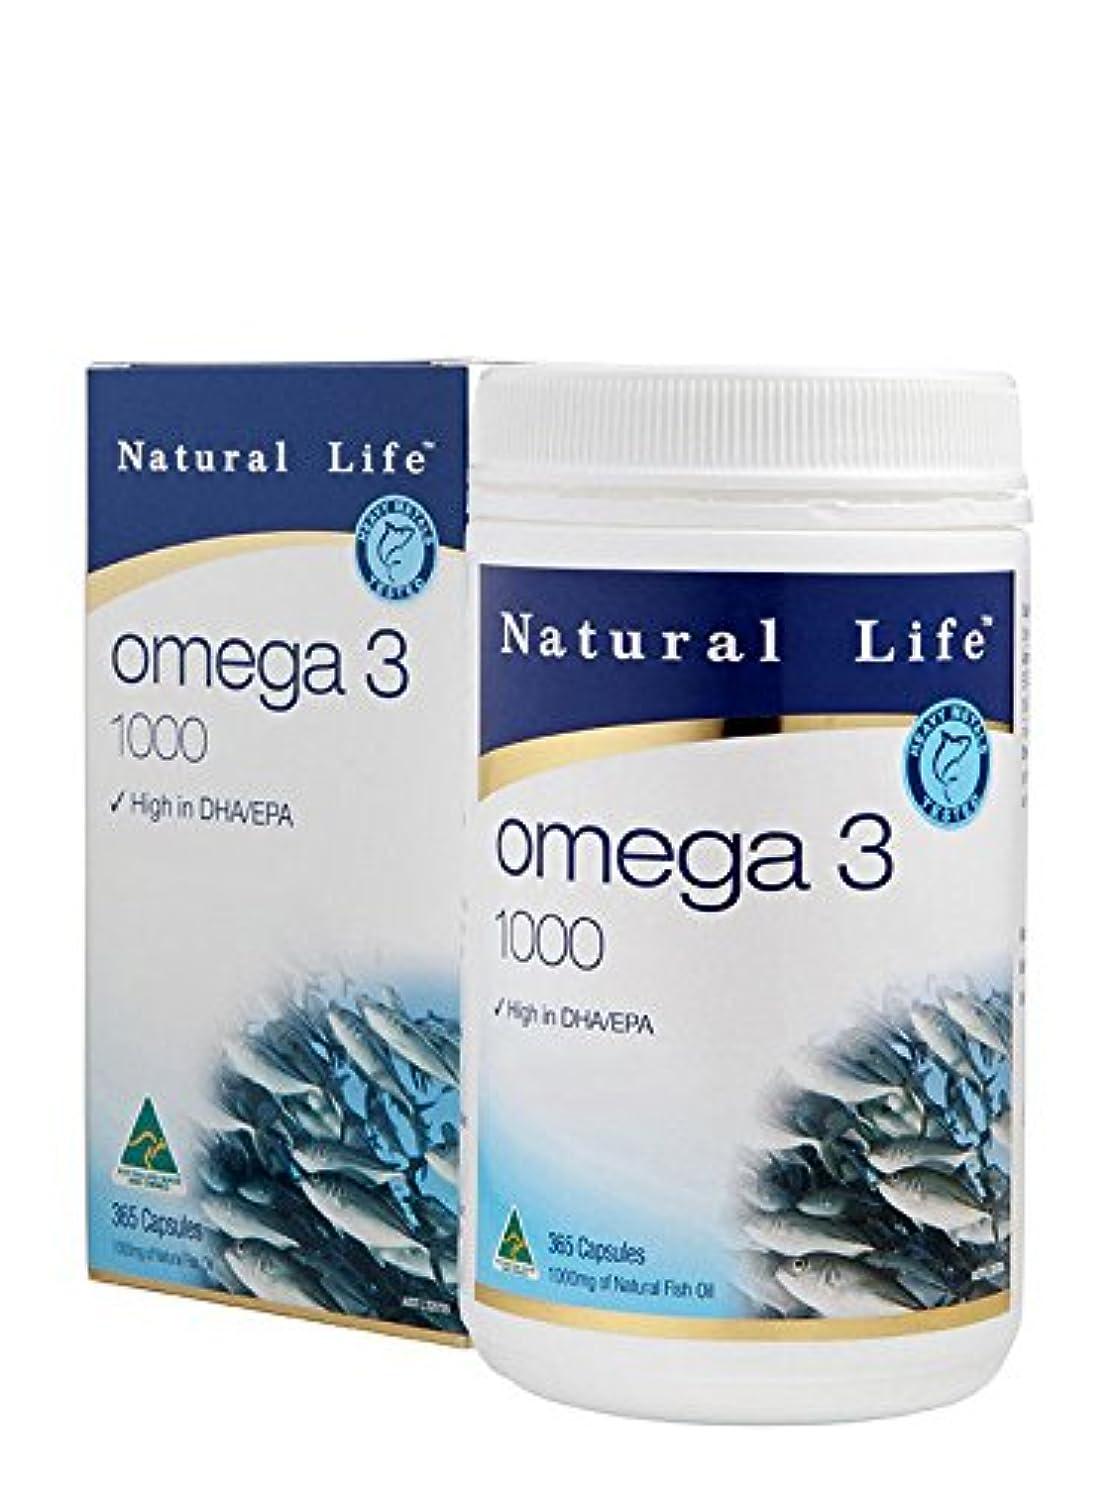 肉腫労苦最大限オメガ3 1000mg 大容量365粒 国内正規品 EPA180mg+DHA120mg ナチュラルライフ